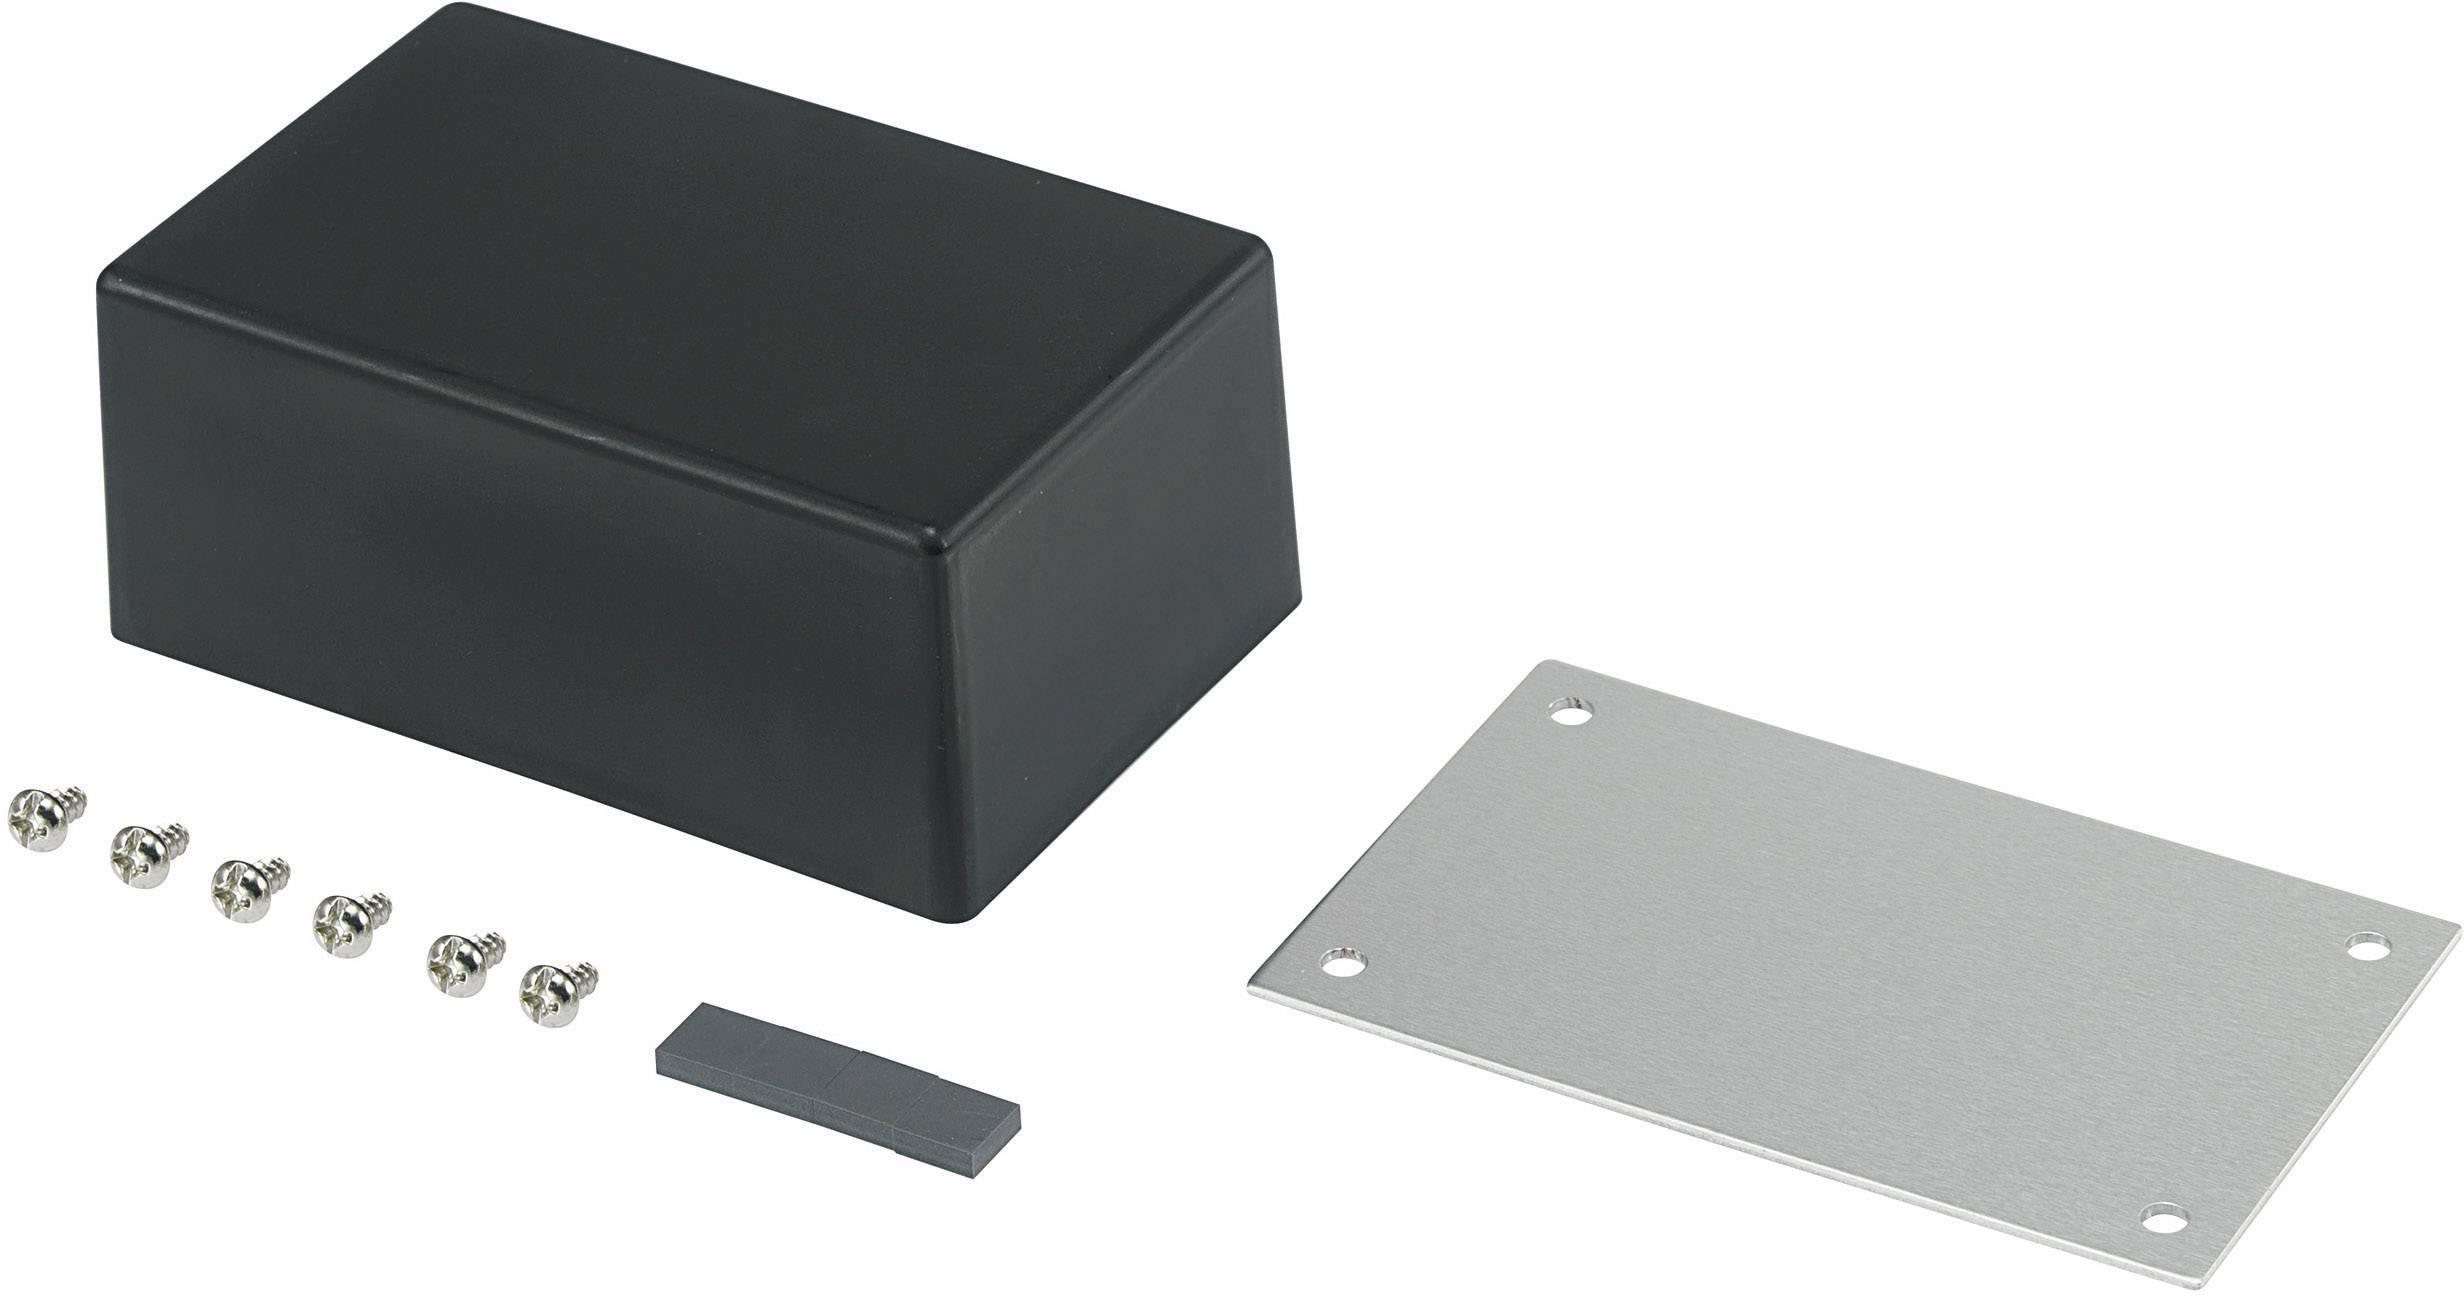 Univerzální pouzdro TRU COMPONENTS 98003C9 530086, 83.5 x 53.5 x 35 , ABS, kov, černá, 1 ks